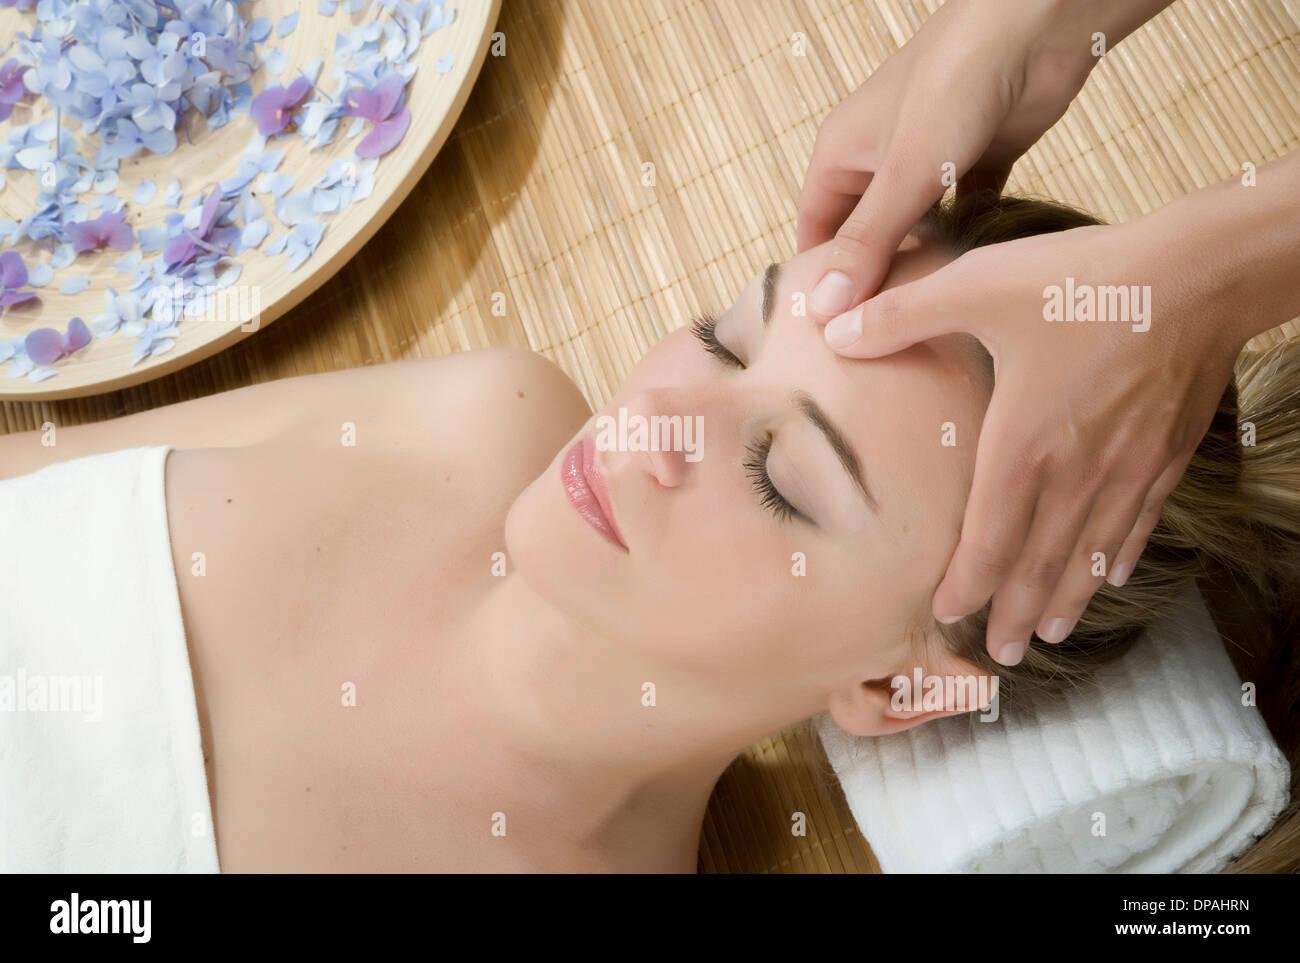 Femme à spa ayant front massé Photo Stock